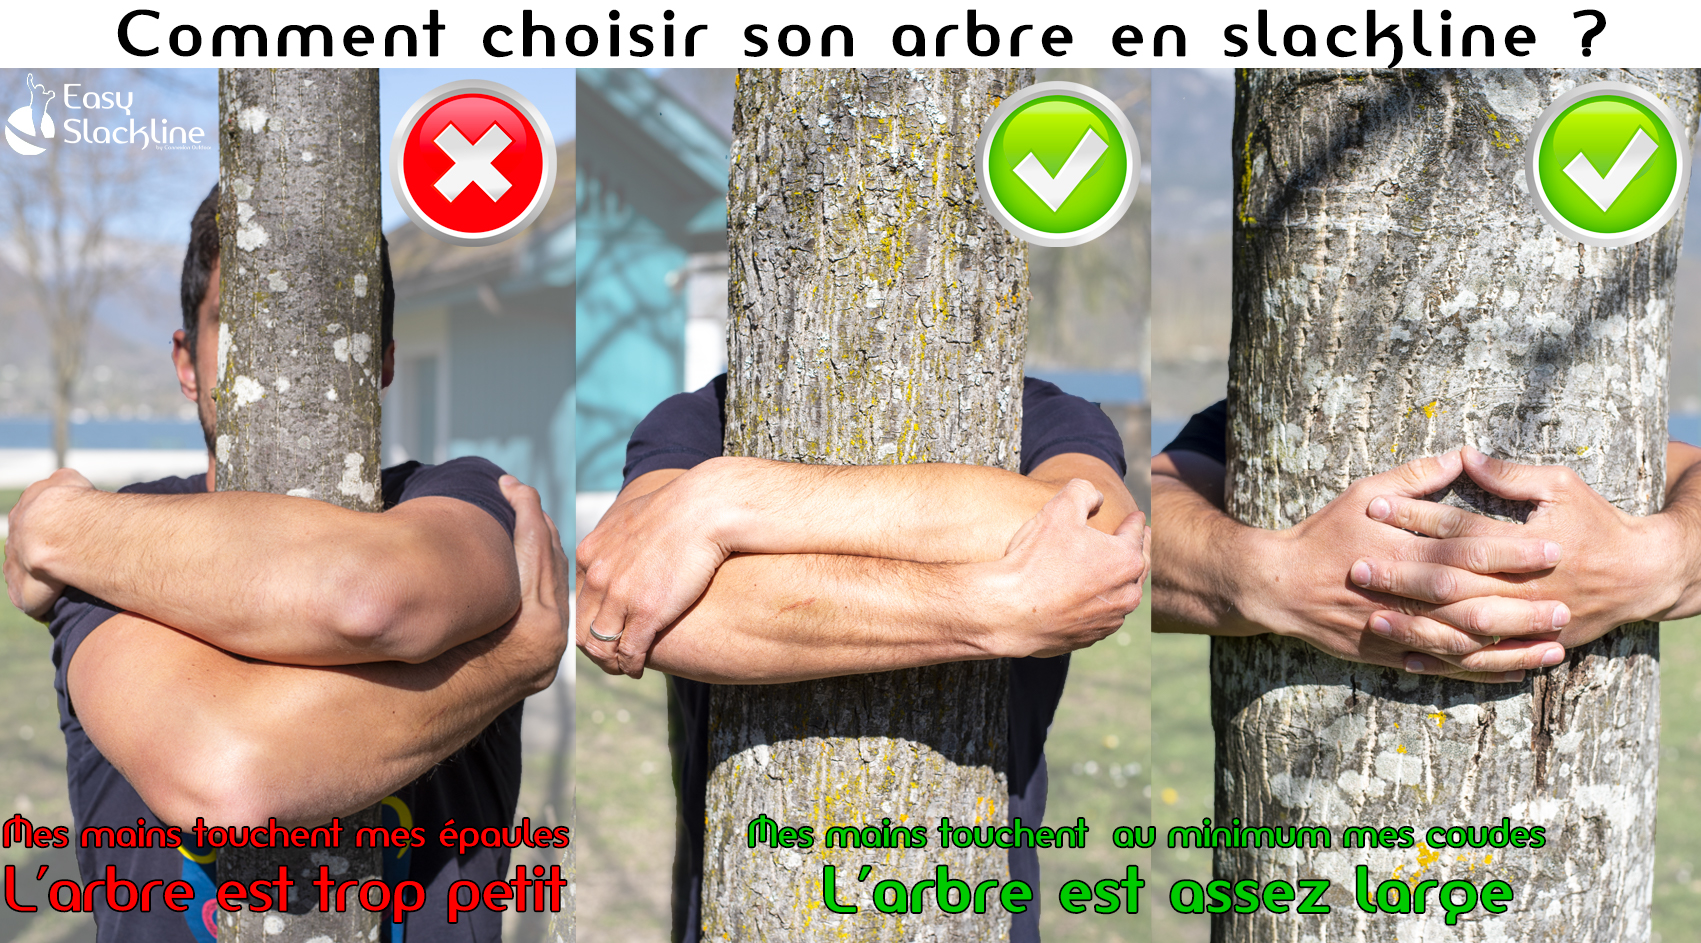 Choisir un arbre pour le slackline